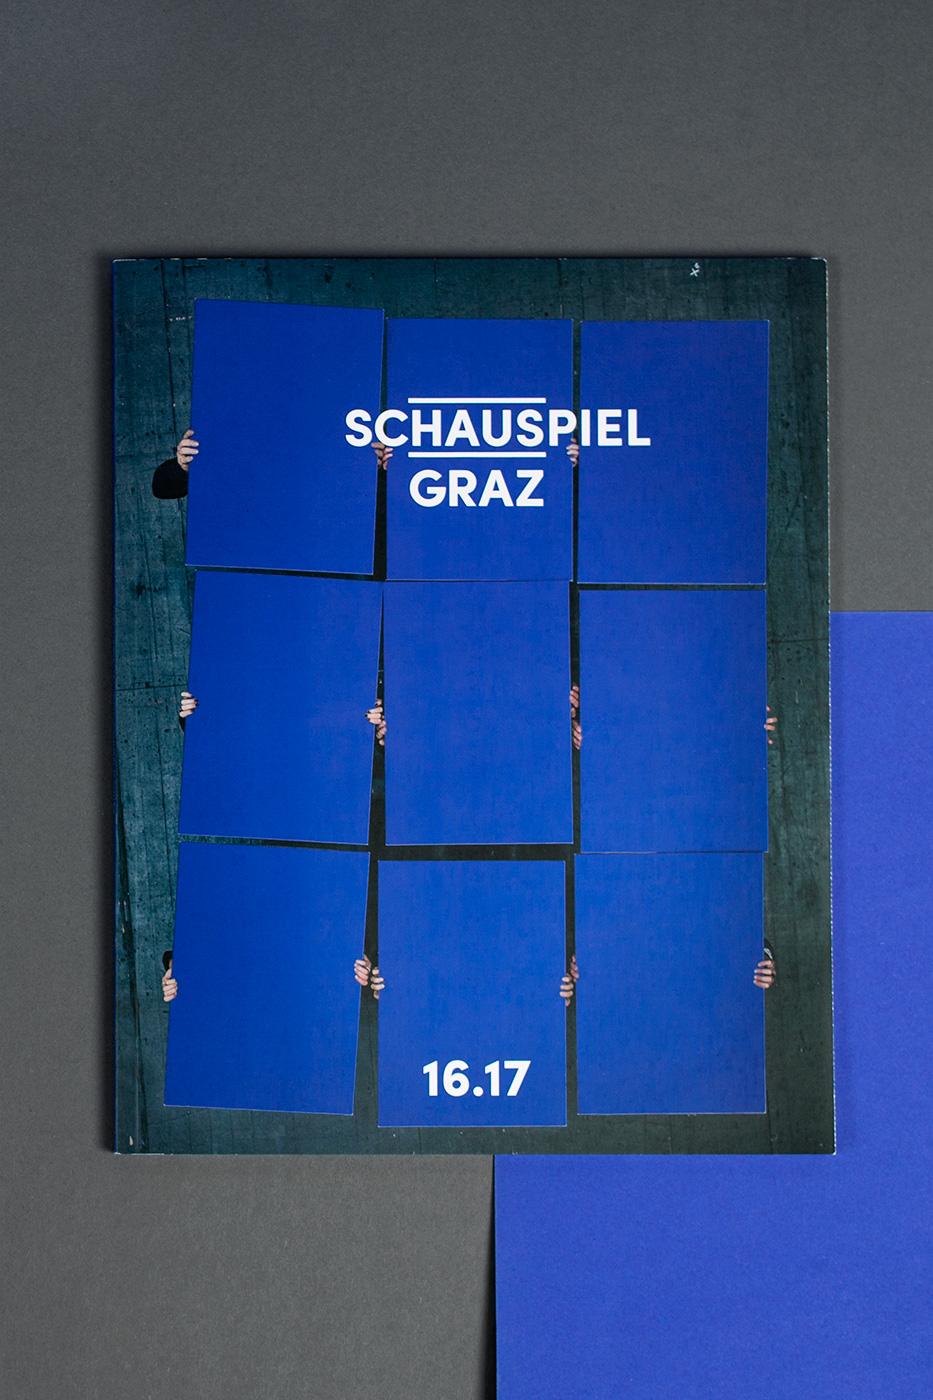 Schauspiel Graz 16.17